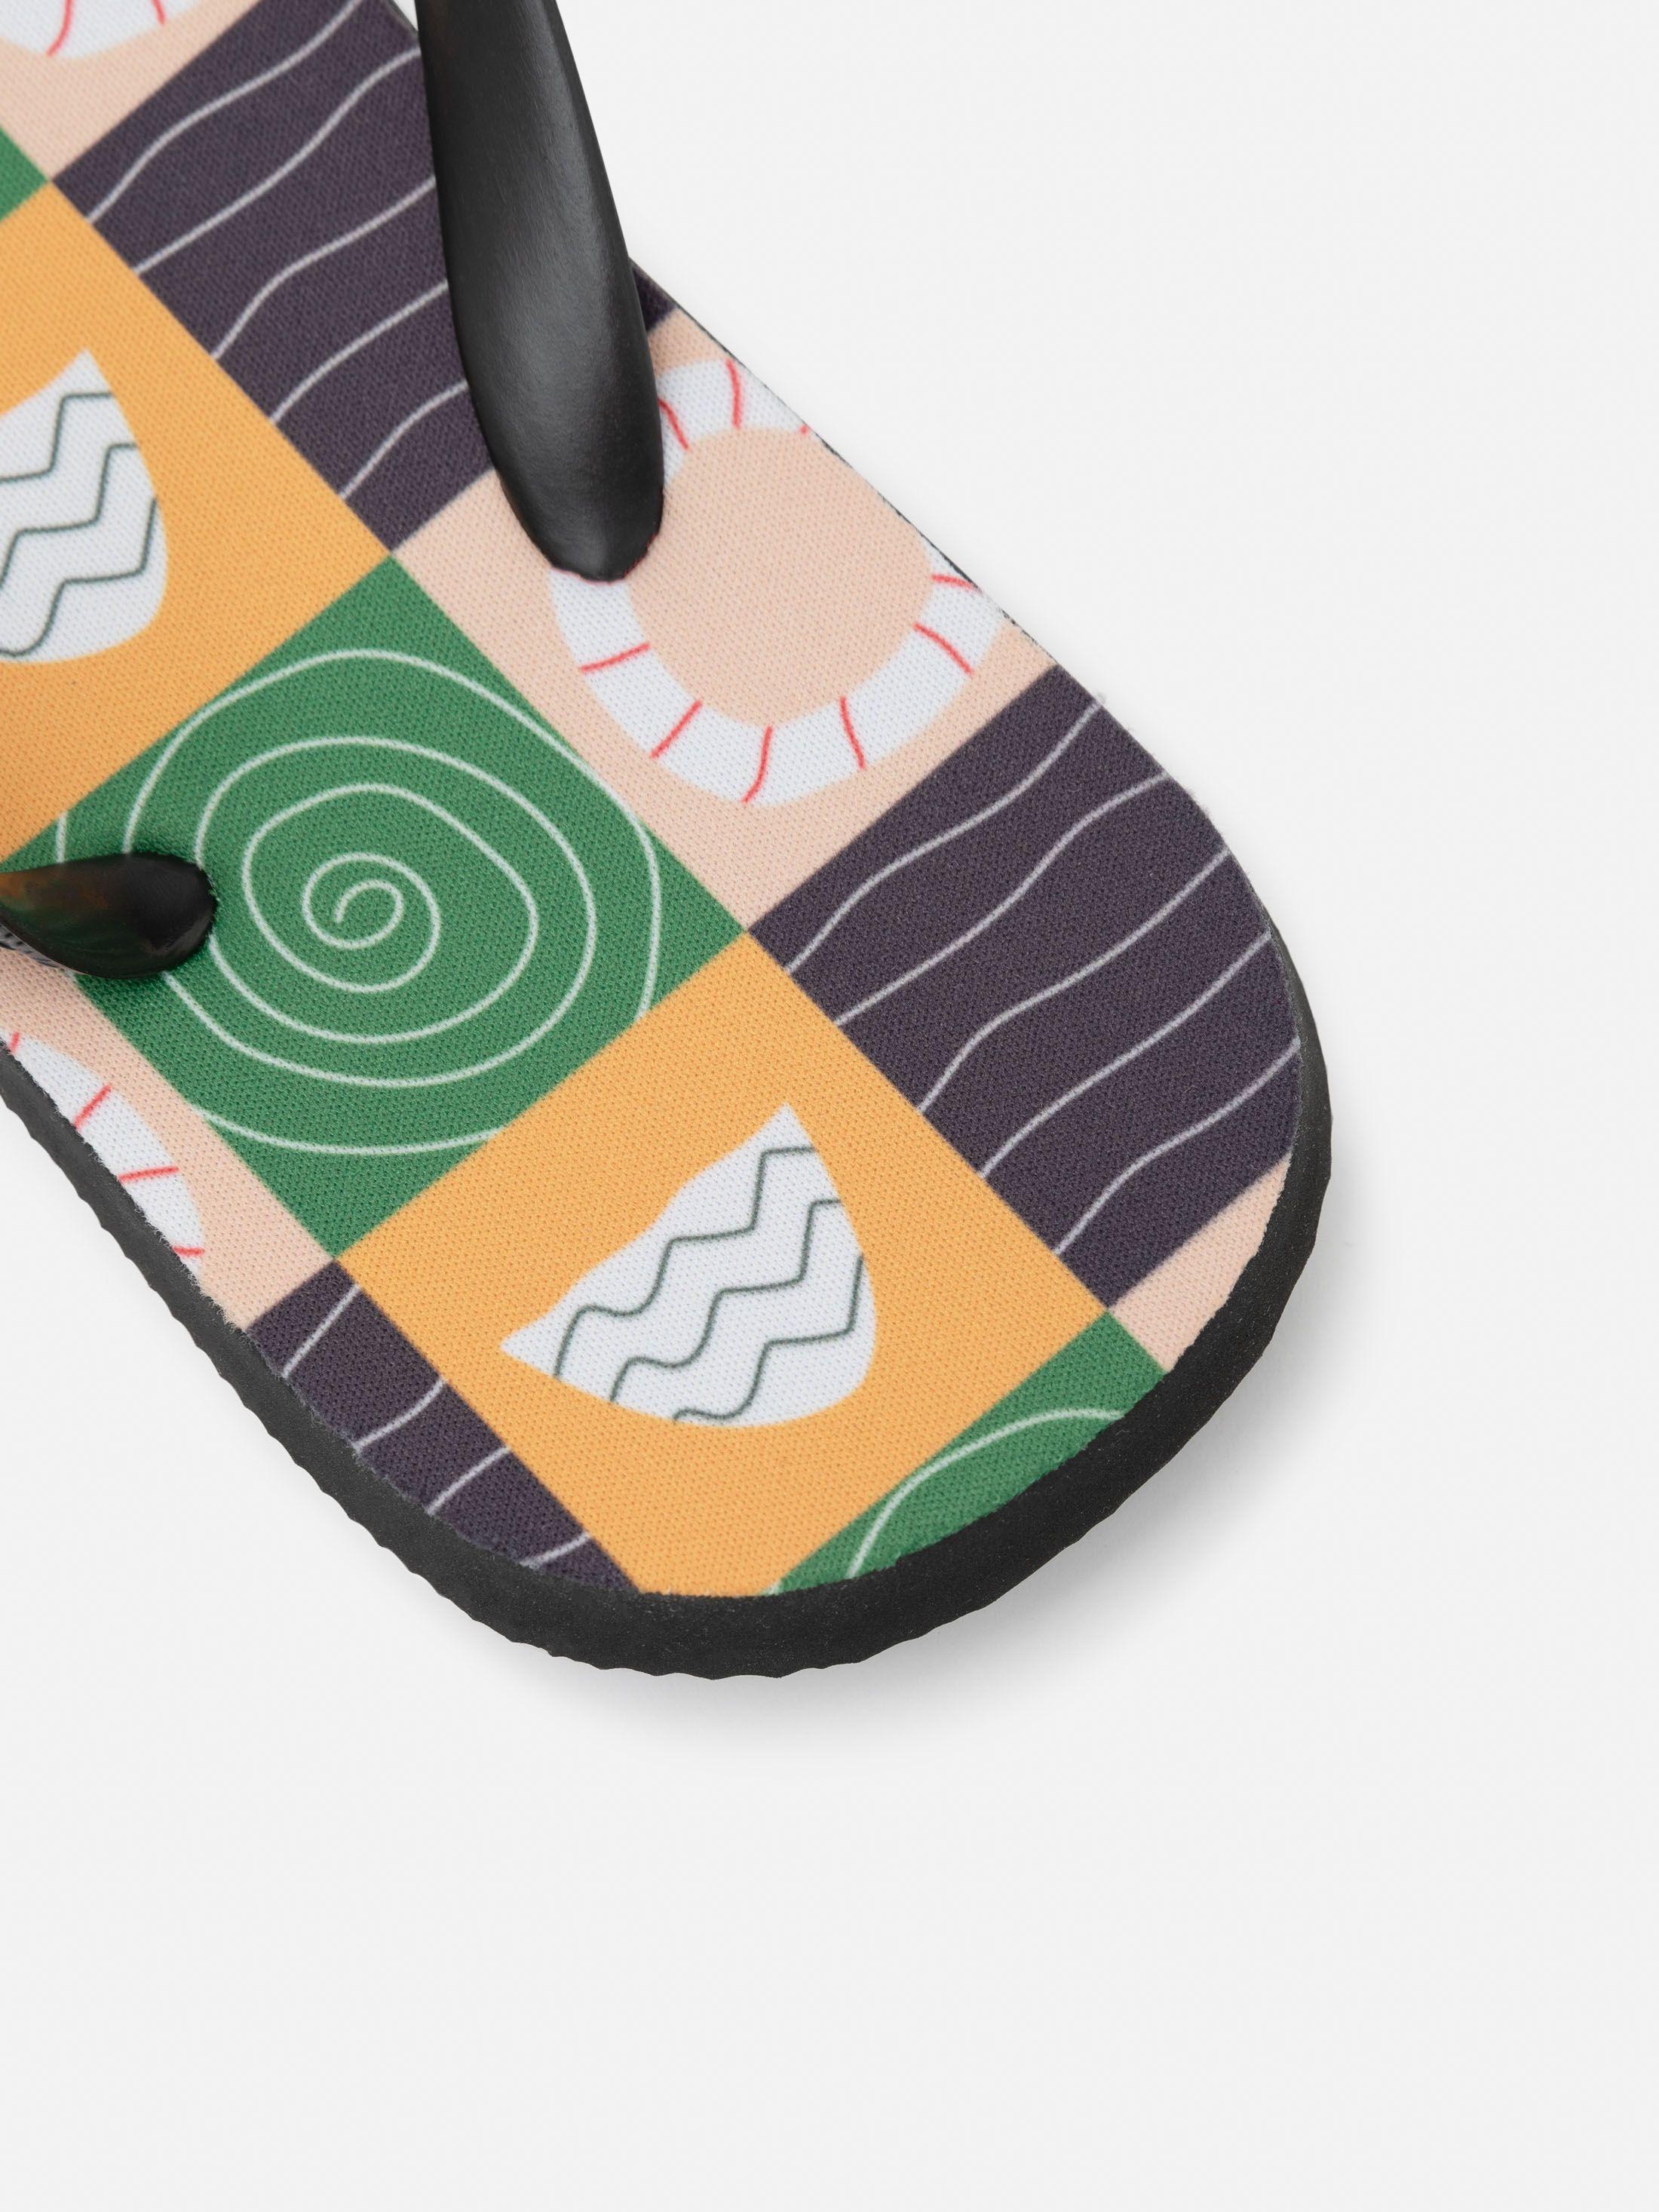 Flip Flops personalisiert für Kinder